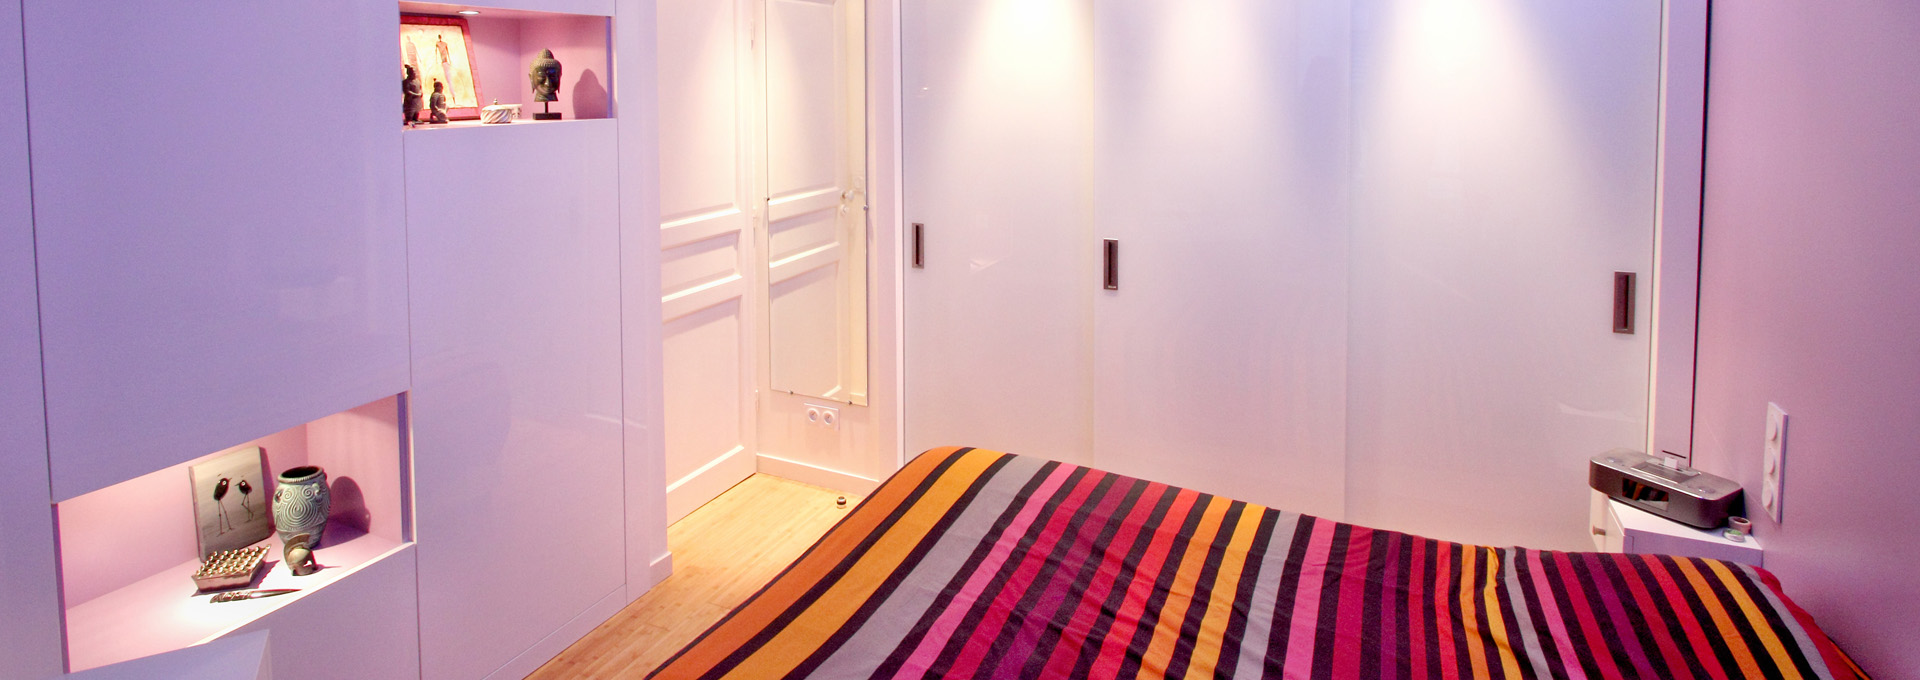 architecte paris republique chambre luxe agence avous